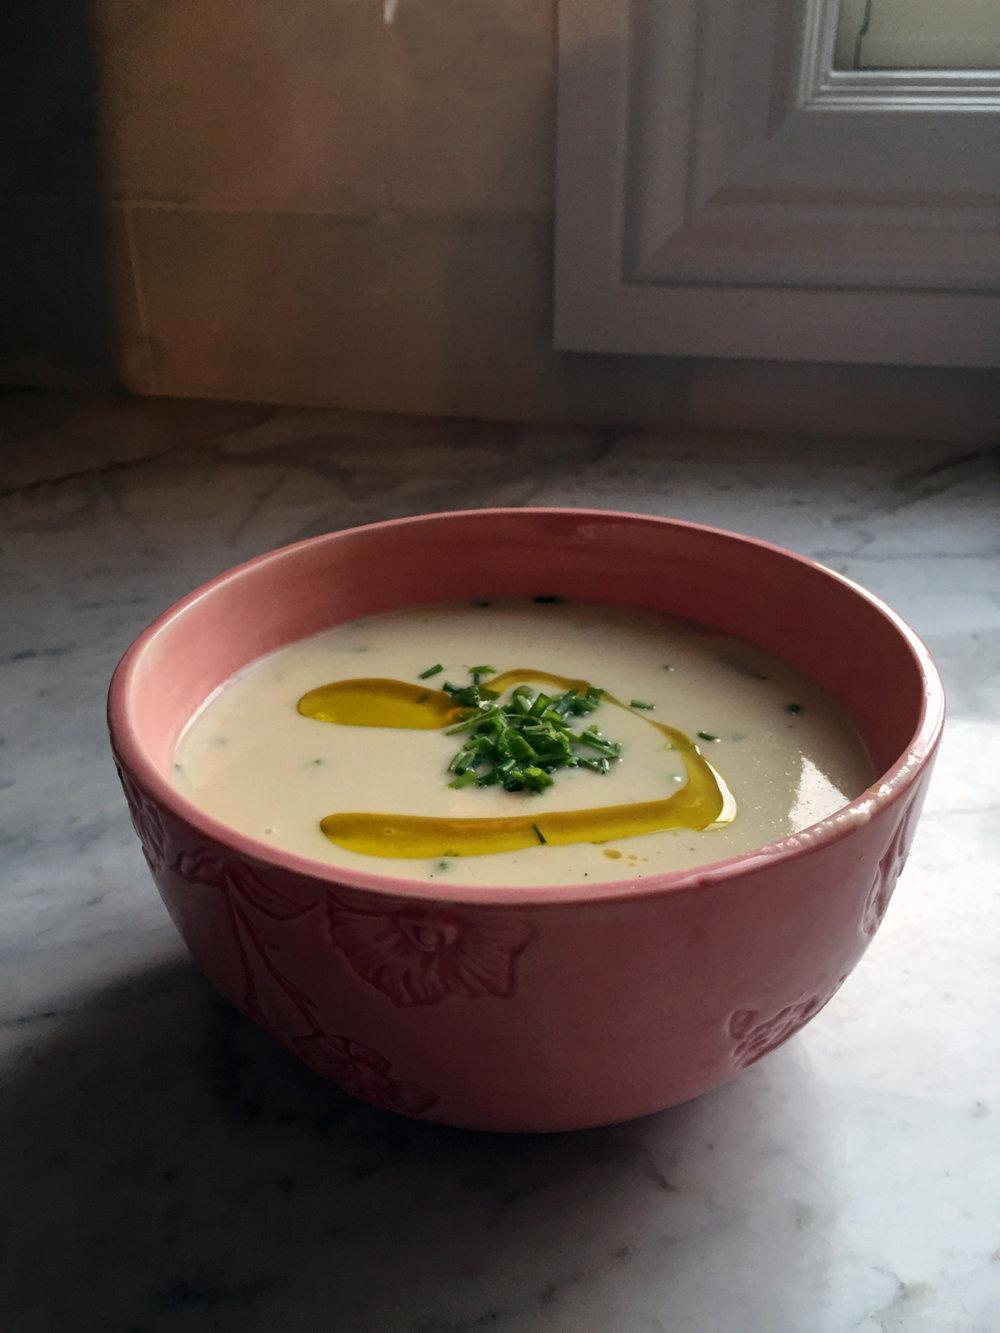 cauliflower cheese dina.jpg